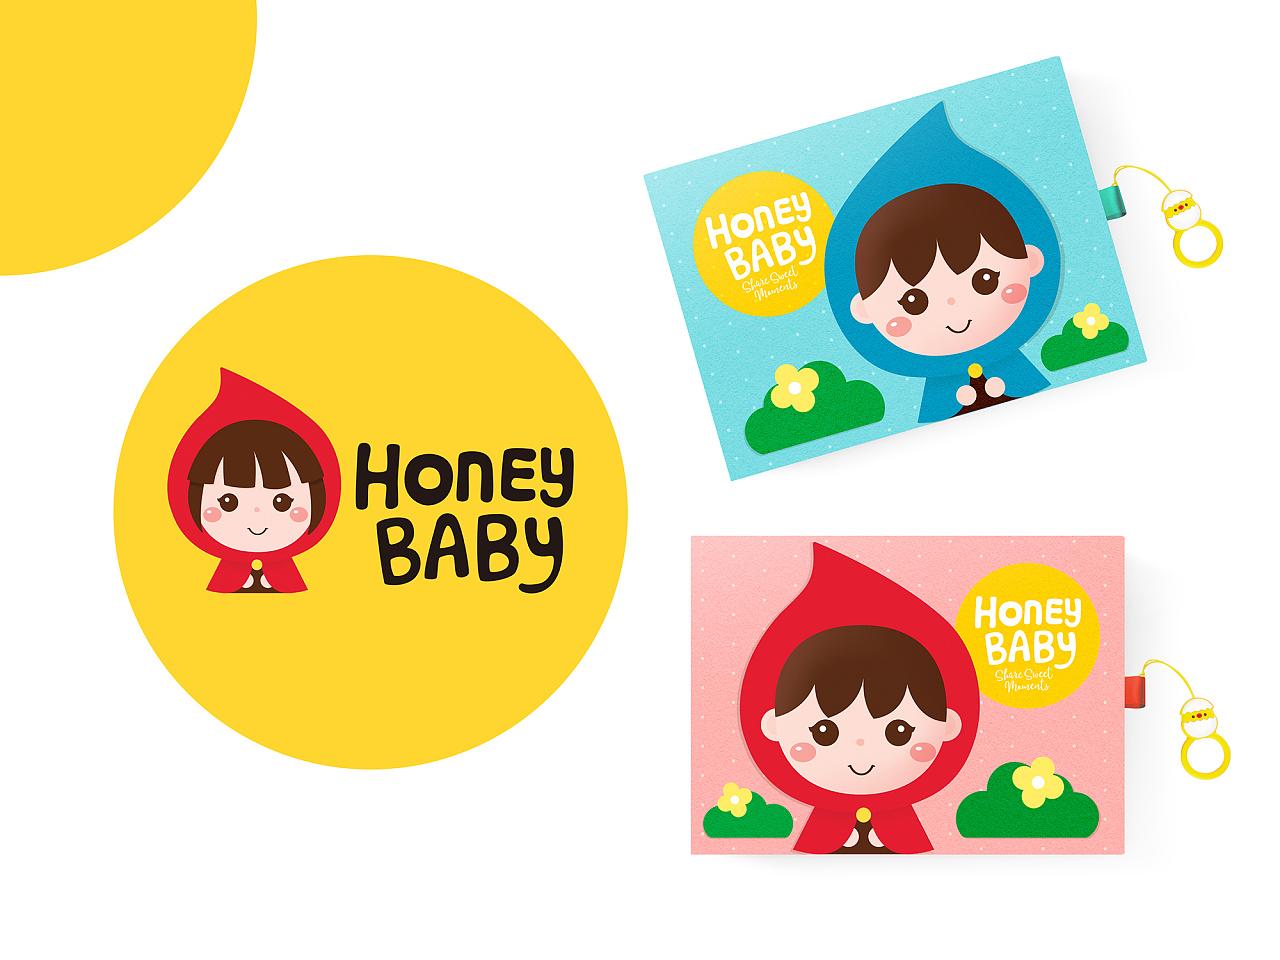 【甜蜜盒子   小红帽】卡通包装设计 礼物包装设计图片